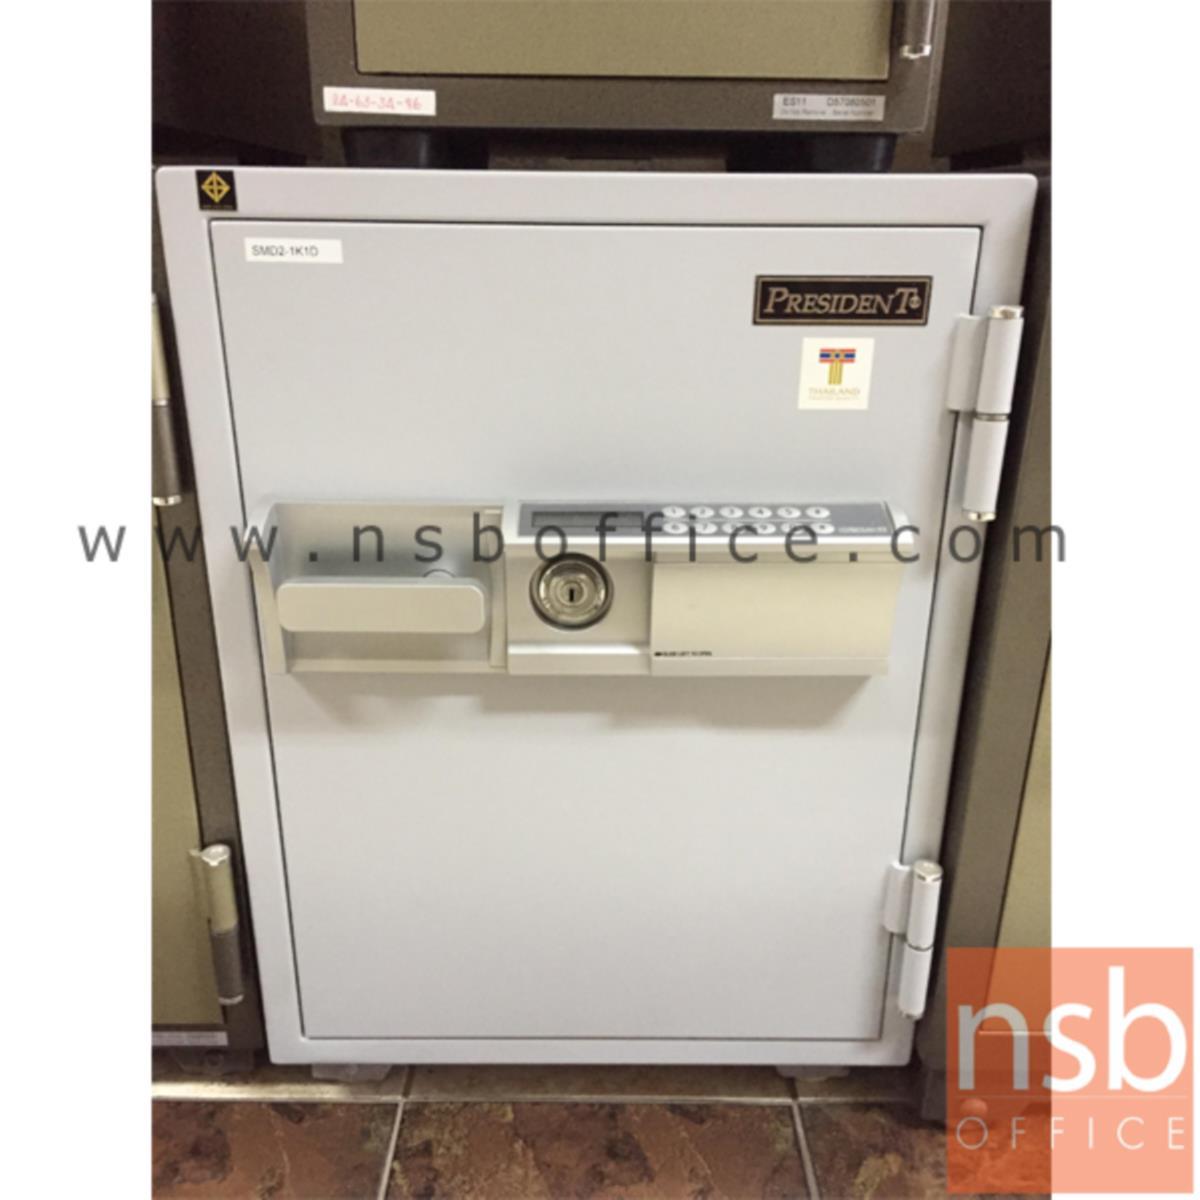 ตู้เซฟดิจิตอล 155 กก. รุ่น PRESIDENT-SB30D2 มี 1 กุญแจ 1 รหัส (รหัสใช้กดหน้าตู้)